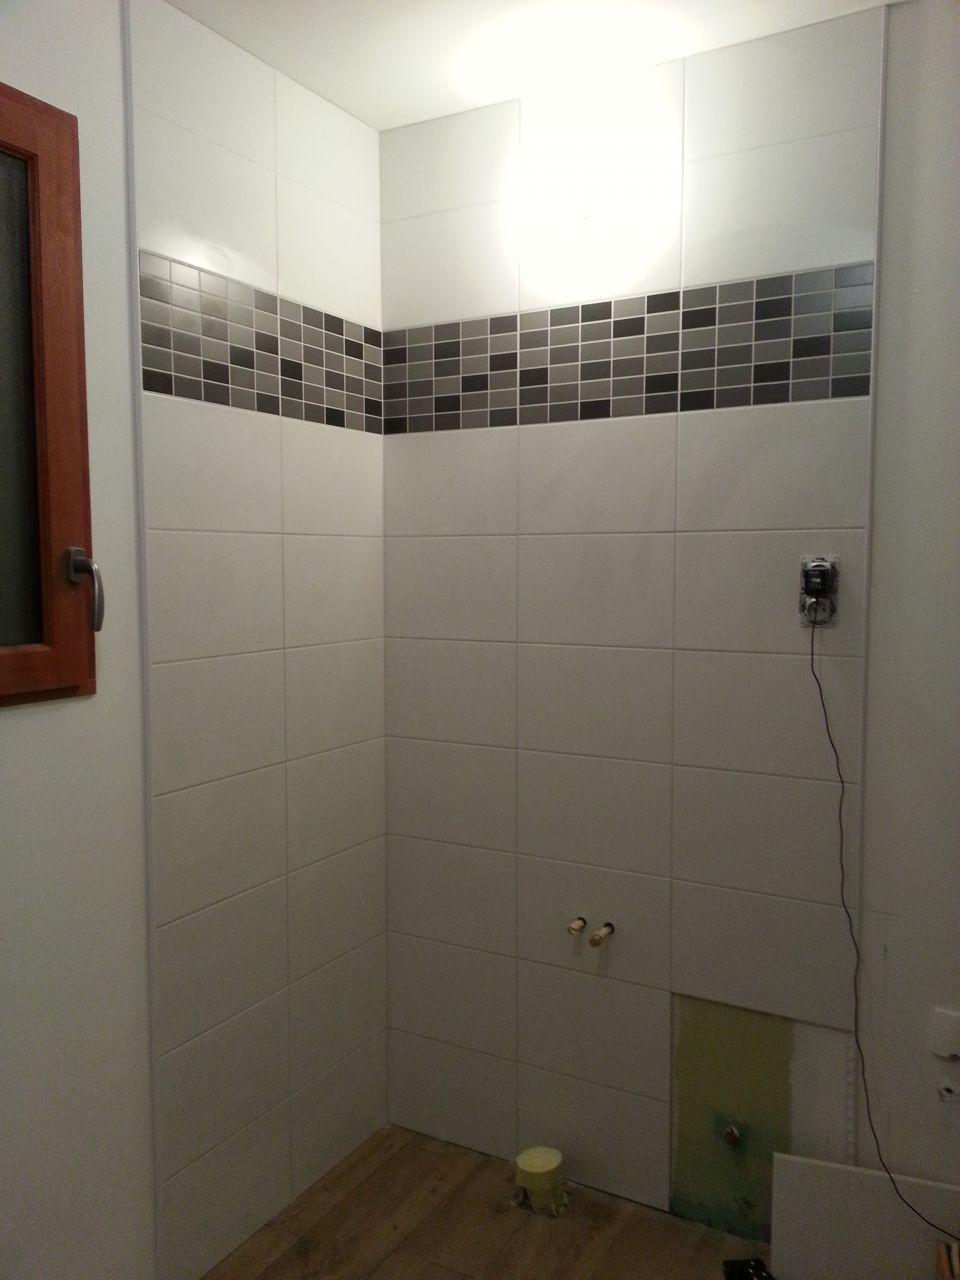 Joint carrelage salle de bain for Joints carrelage salle de bain